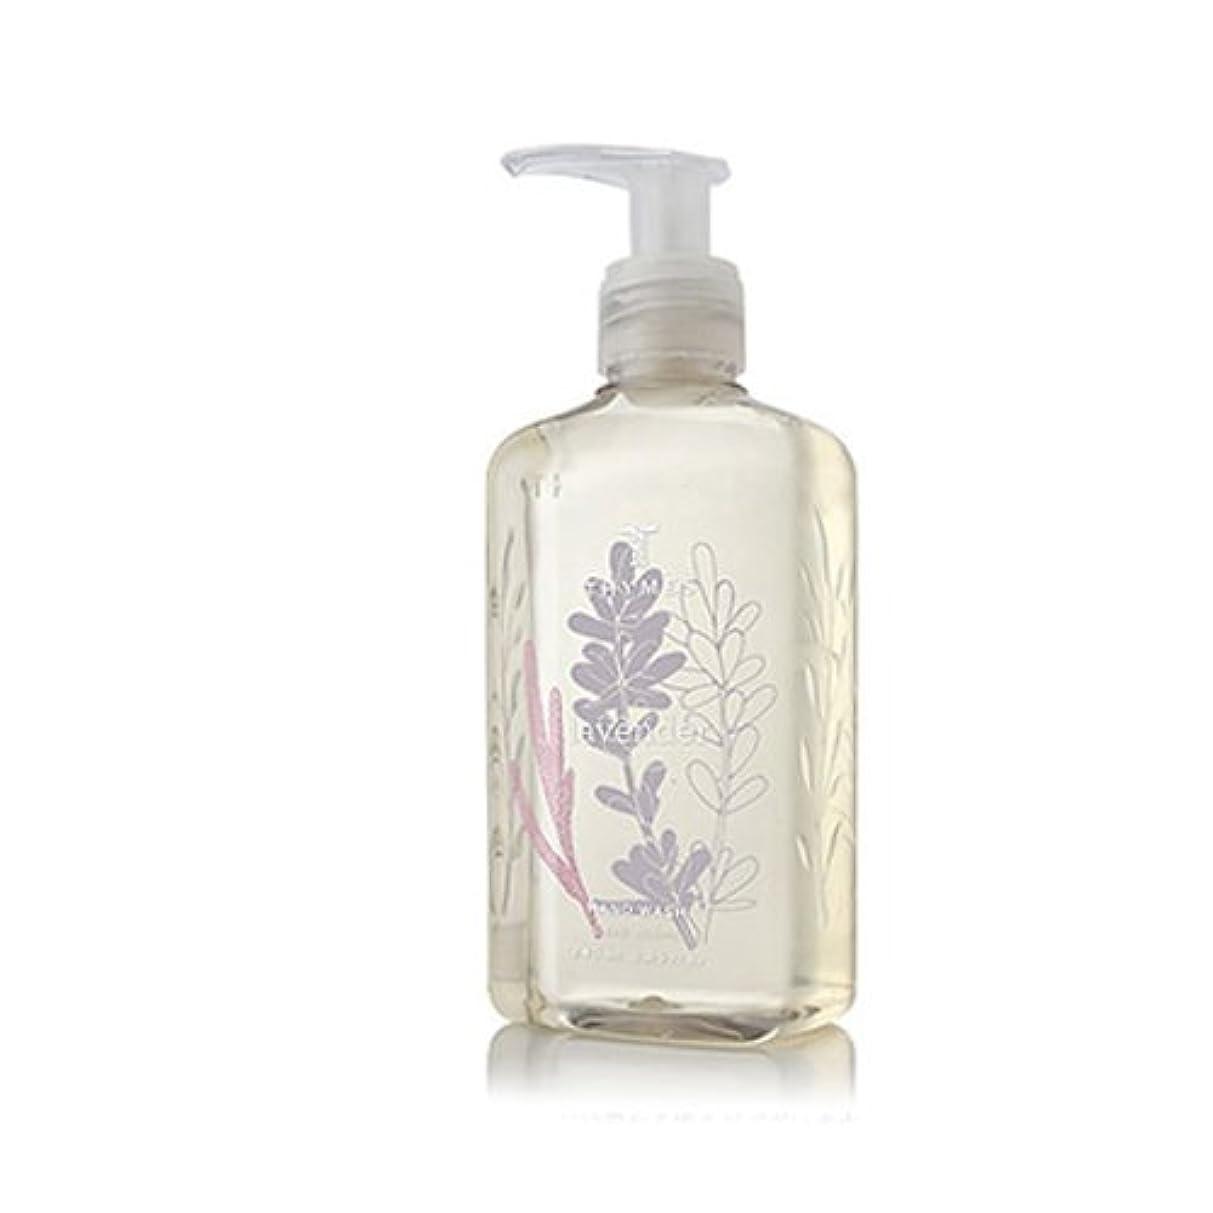 純正等価風変わりなTHYMES タイムズ ハンドウォッシュ 240ml ラベンダー Hand Wash 8.25 fl oz Lavender [並行輸入品]